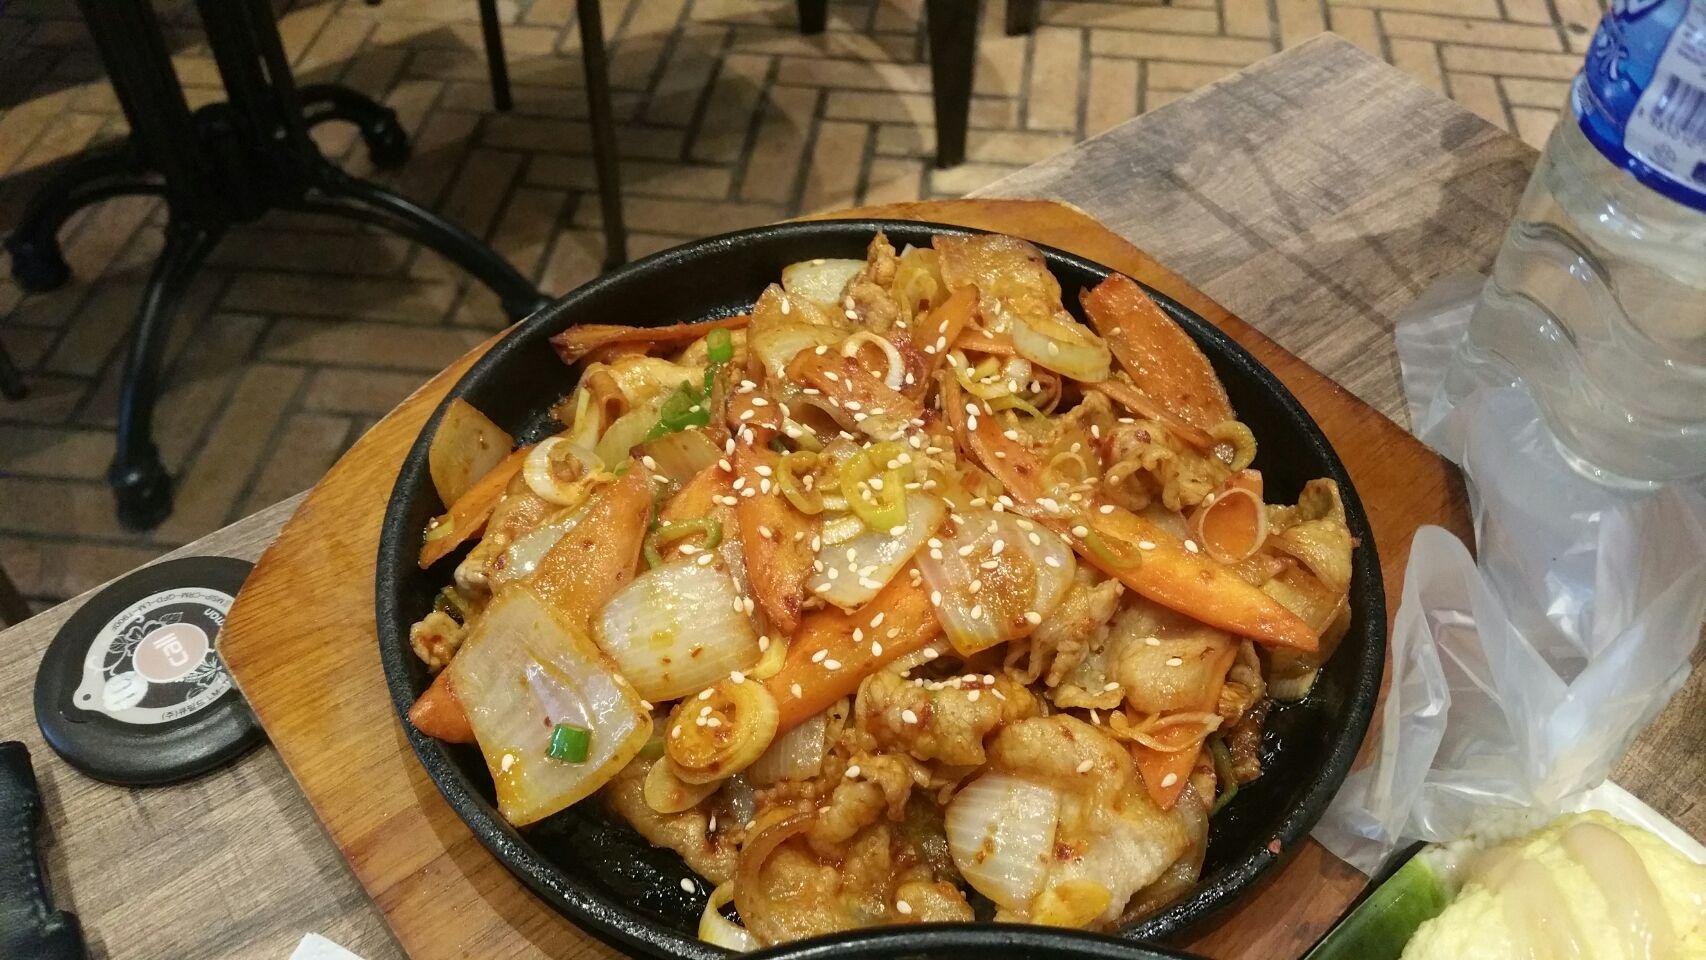 Spicy Pork14.8++